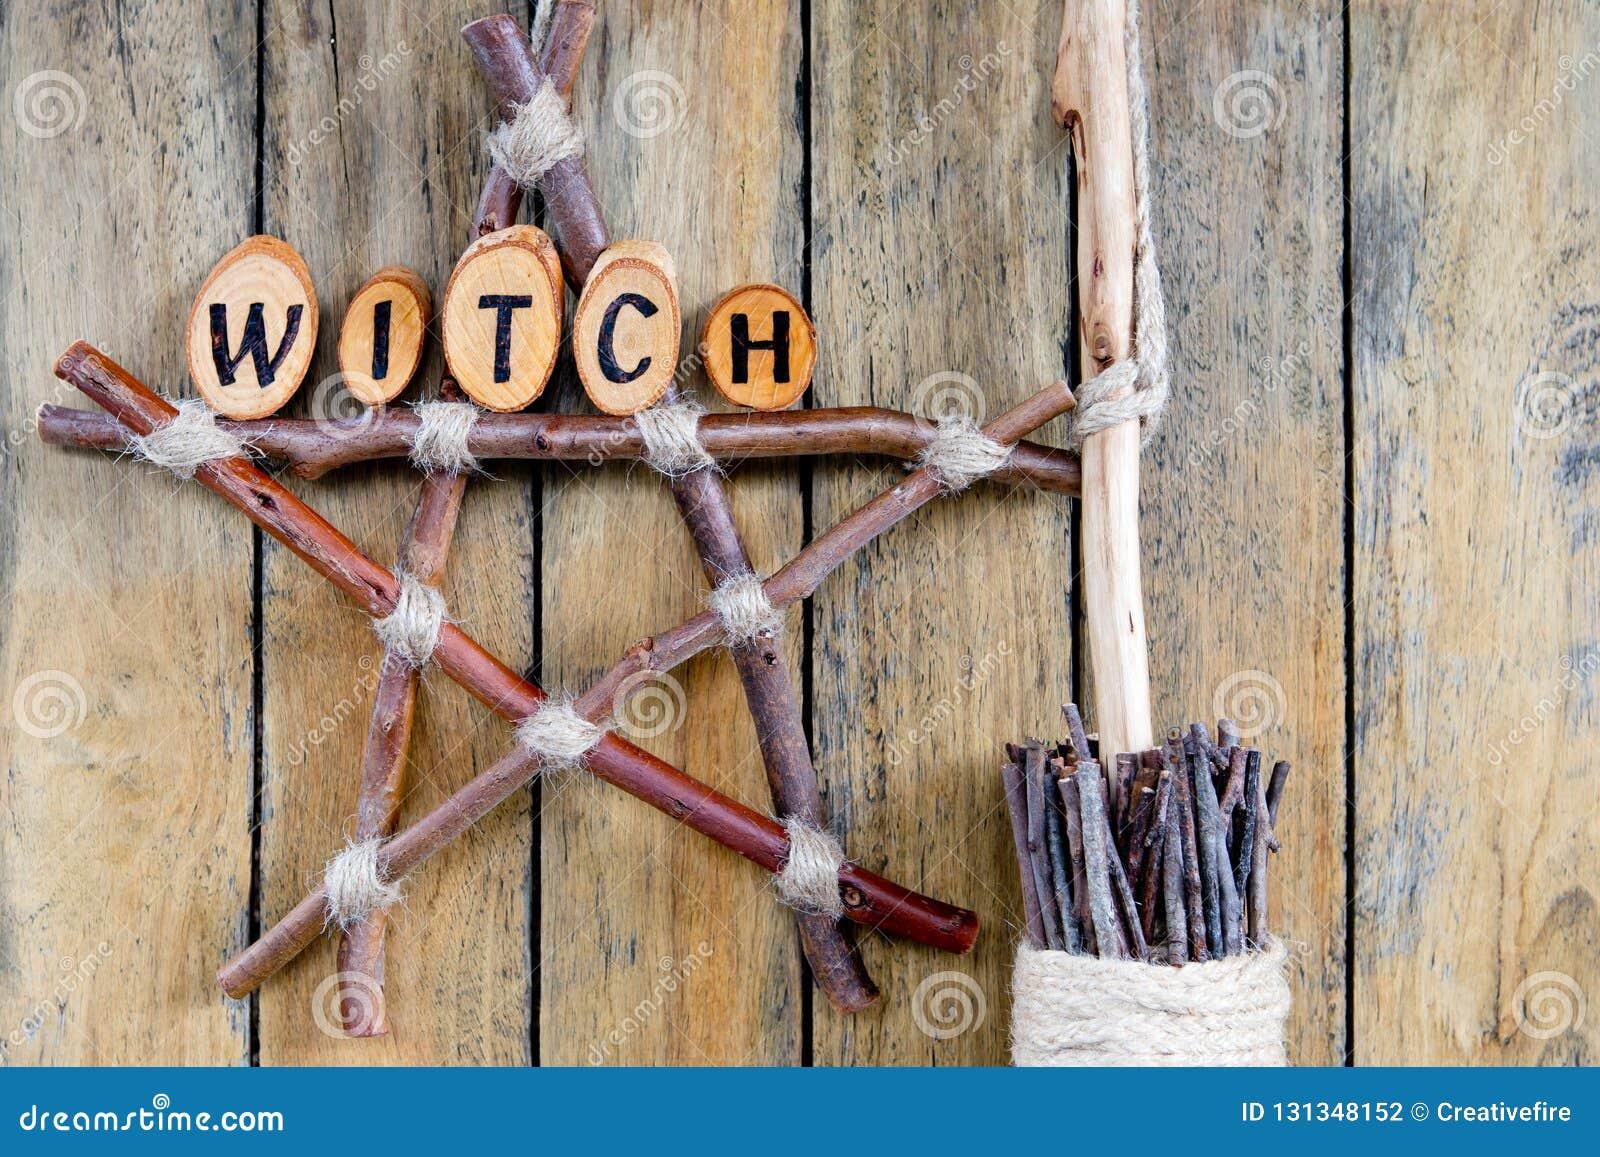 分支五角星形的巫婆用干草本和长扫帚巫婆B